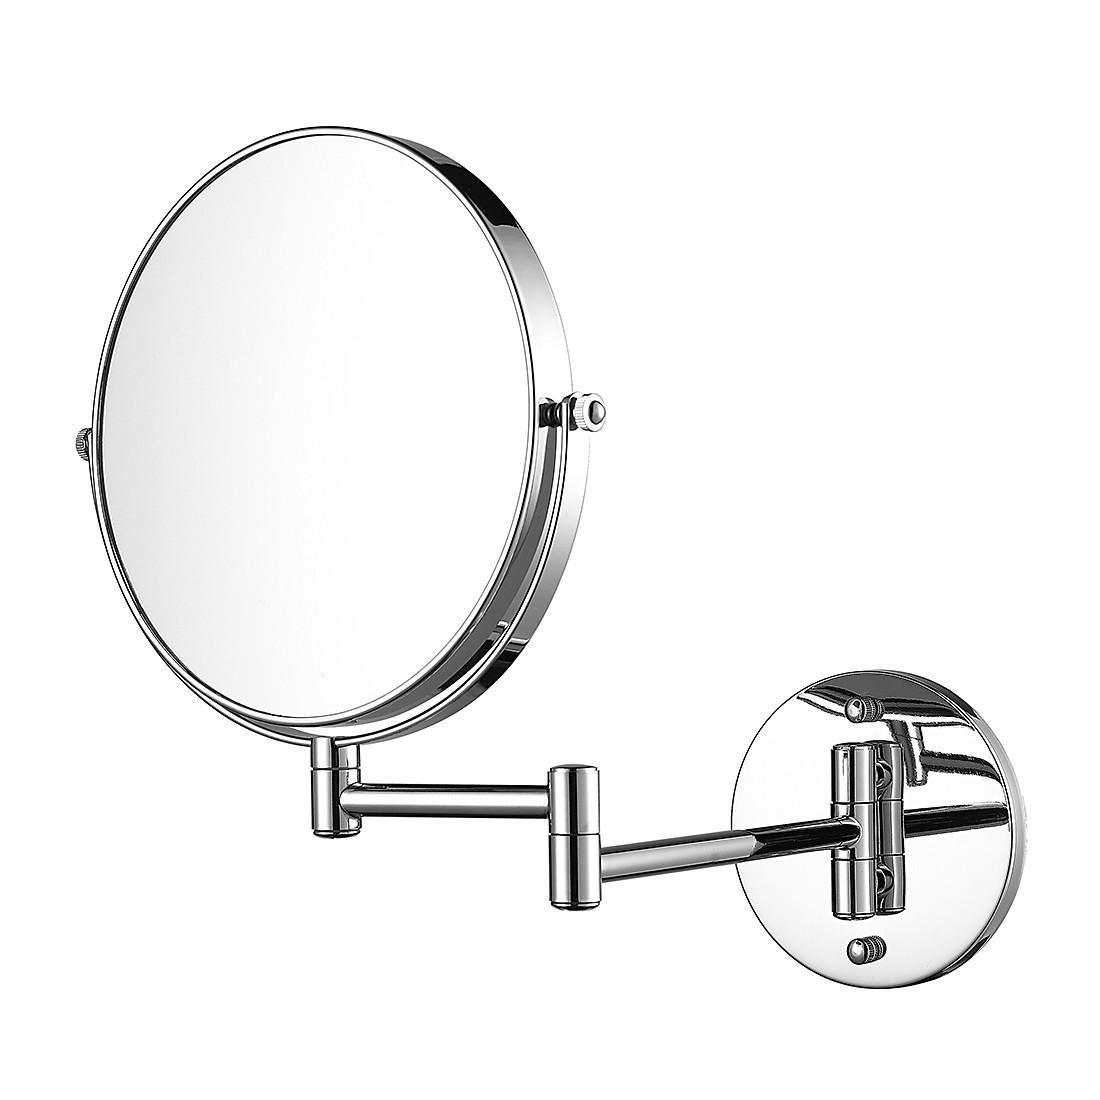 Wandspiegel Bagno ● Welllicht ● Metall/Spiegelglas ● 0-flammig- Sorpetaler A+